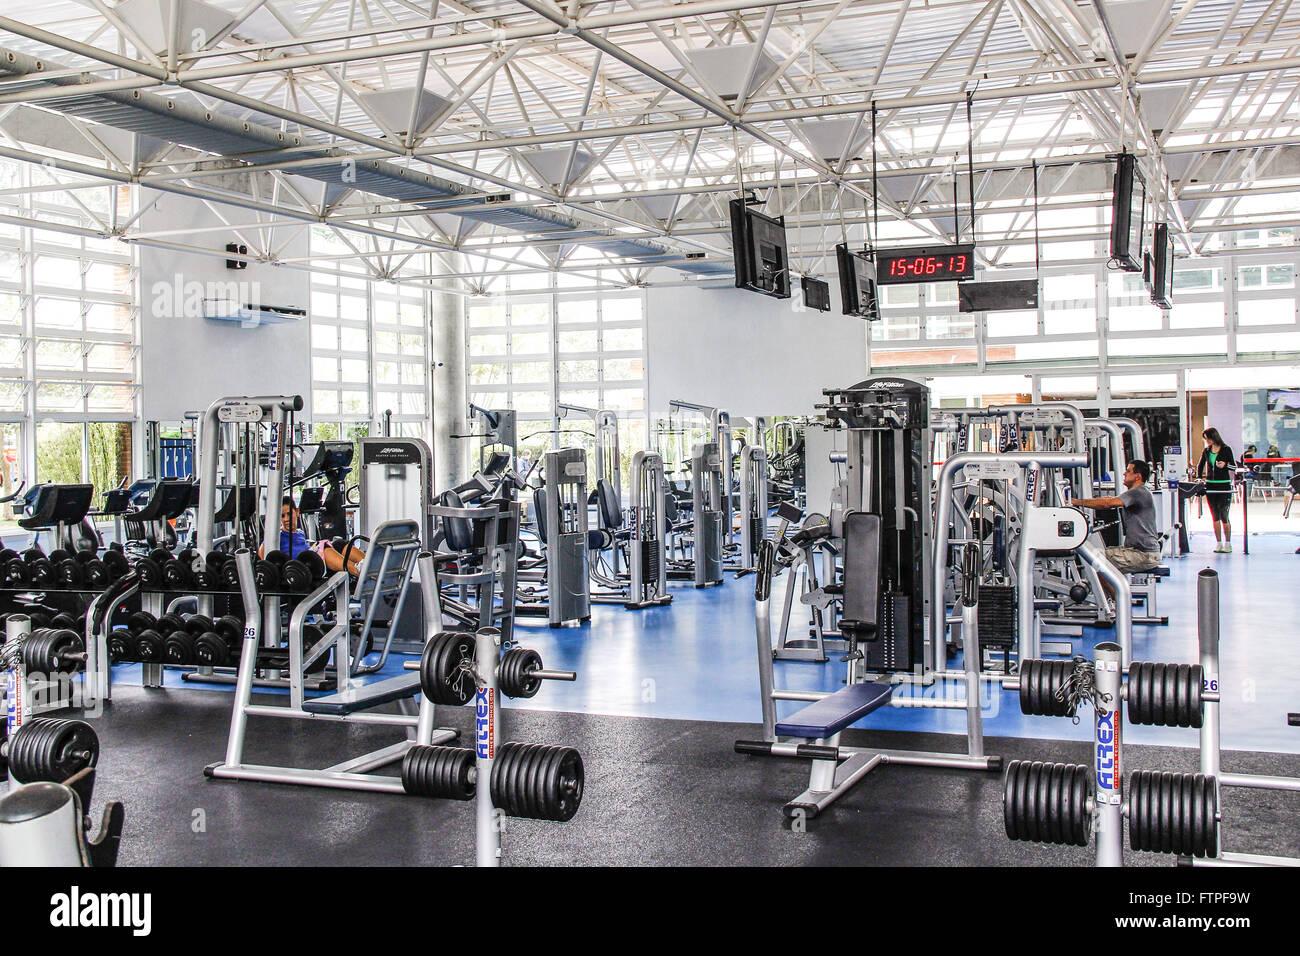 L'intérieur de l'équipement de musculation fitness Banque D'Images